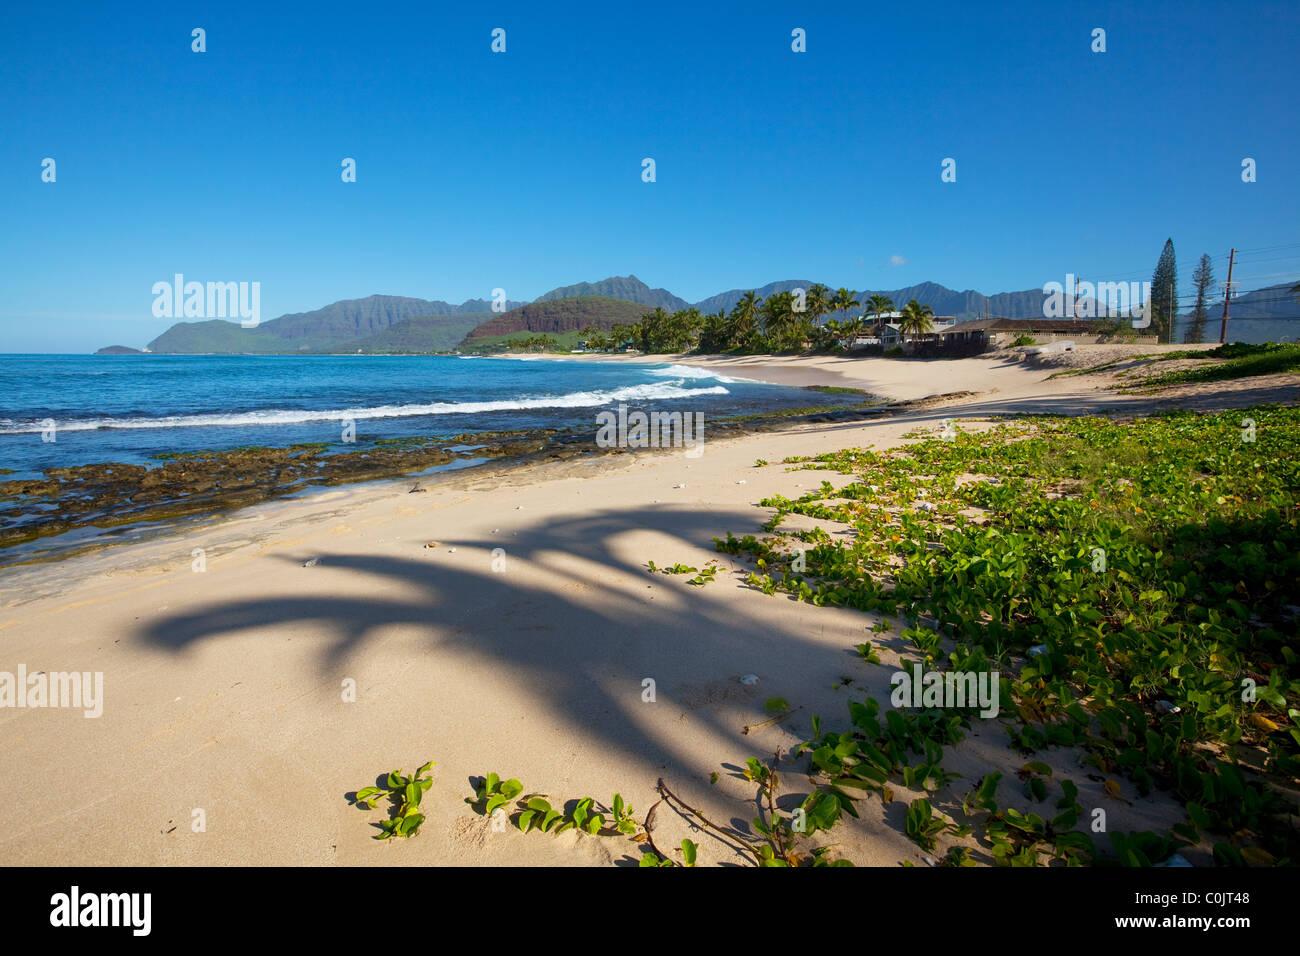 Ulehawa; Leeward Küste; Oahu; Hawaii; Strand; Strände Stockbild